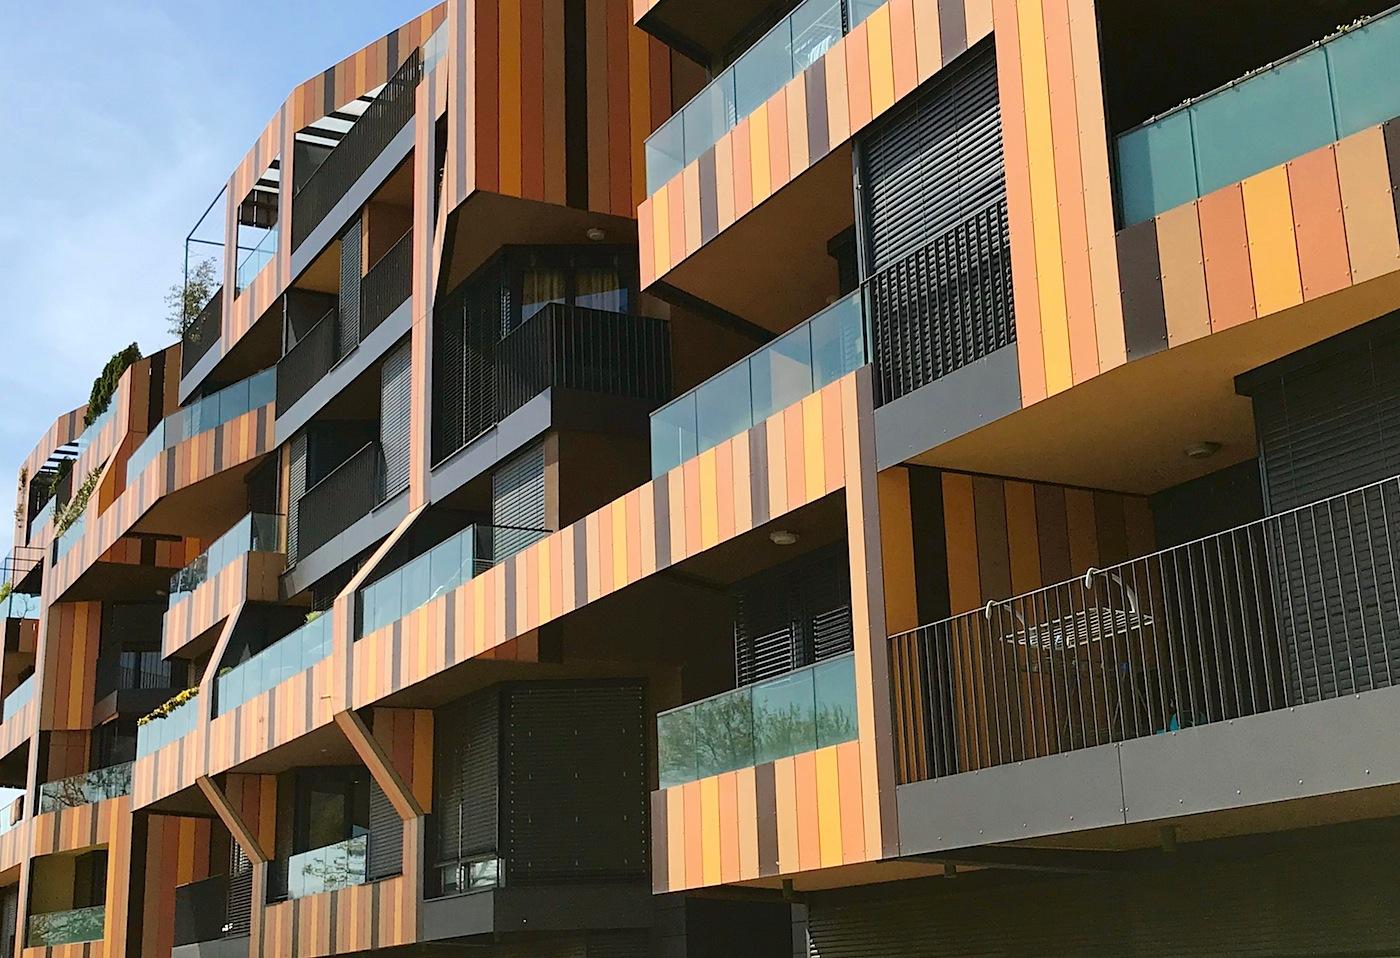 """Nova Gorica. """"Lace Apartments"""" von Ofis Arhitekti, 2008"""